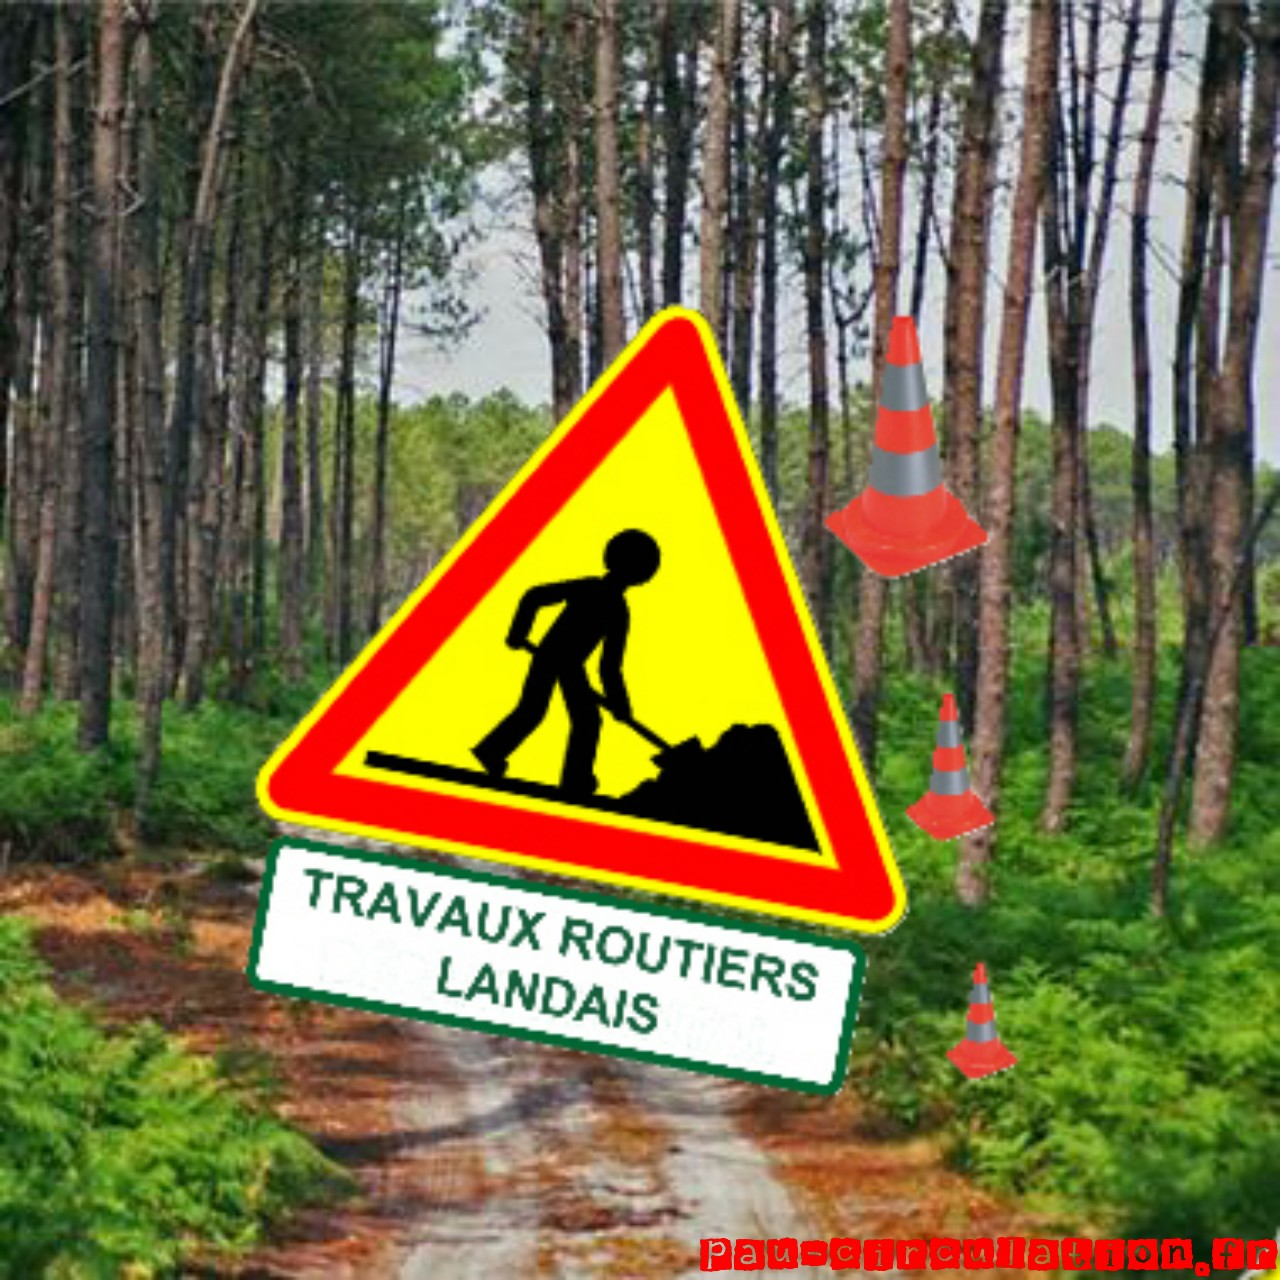 Travaux Routiers Landais 2011